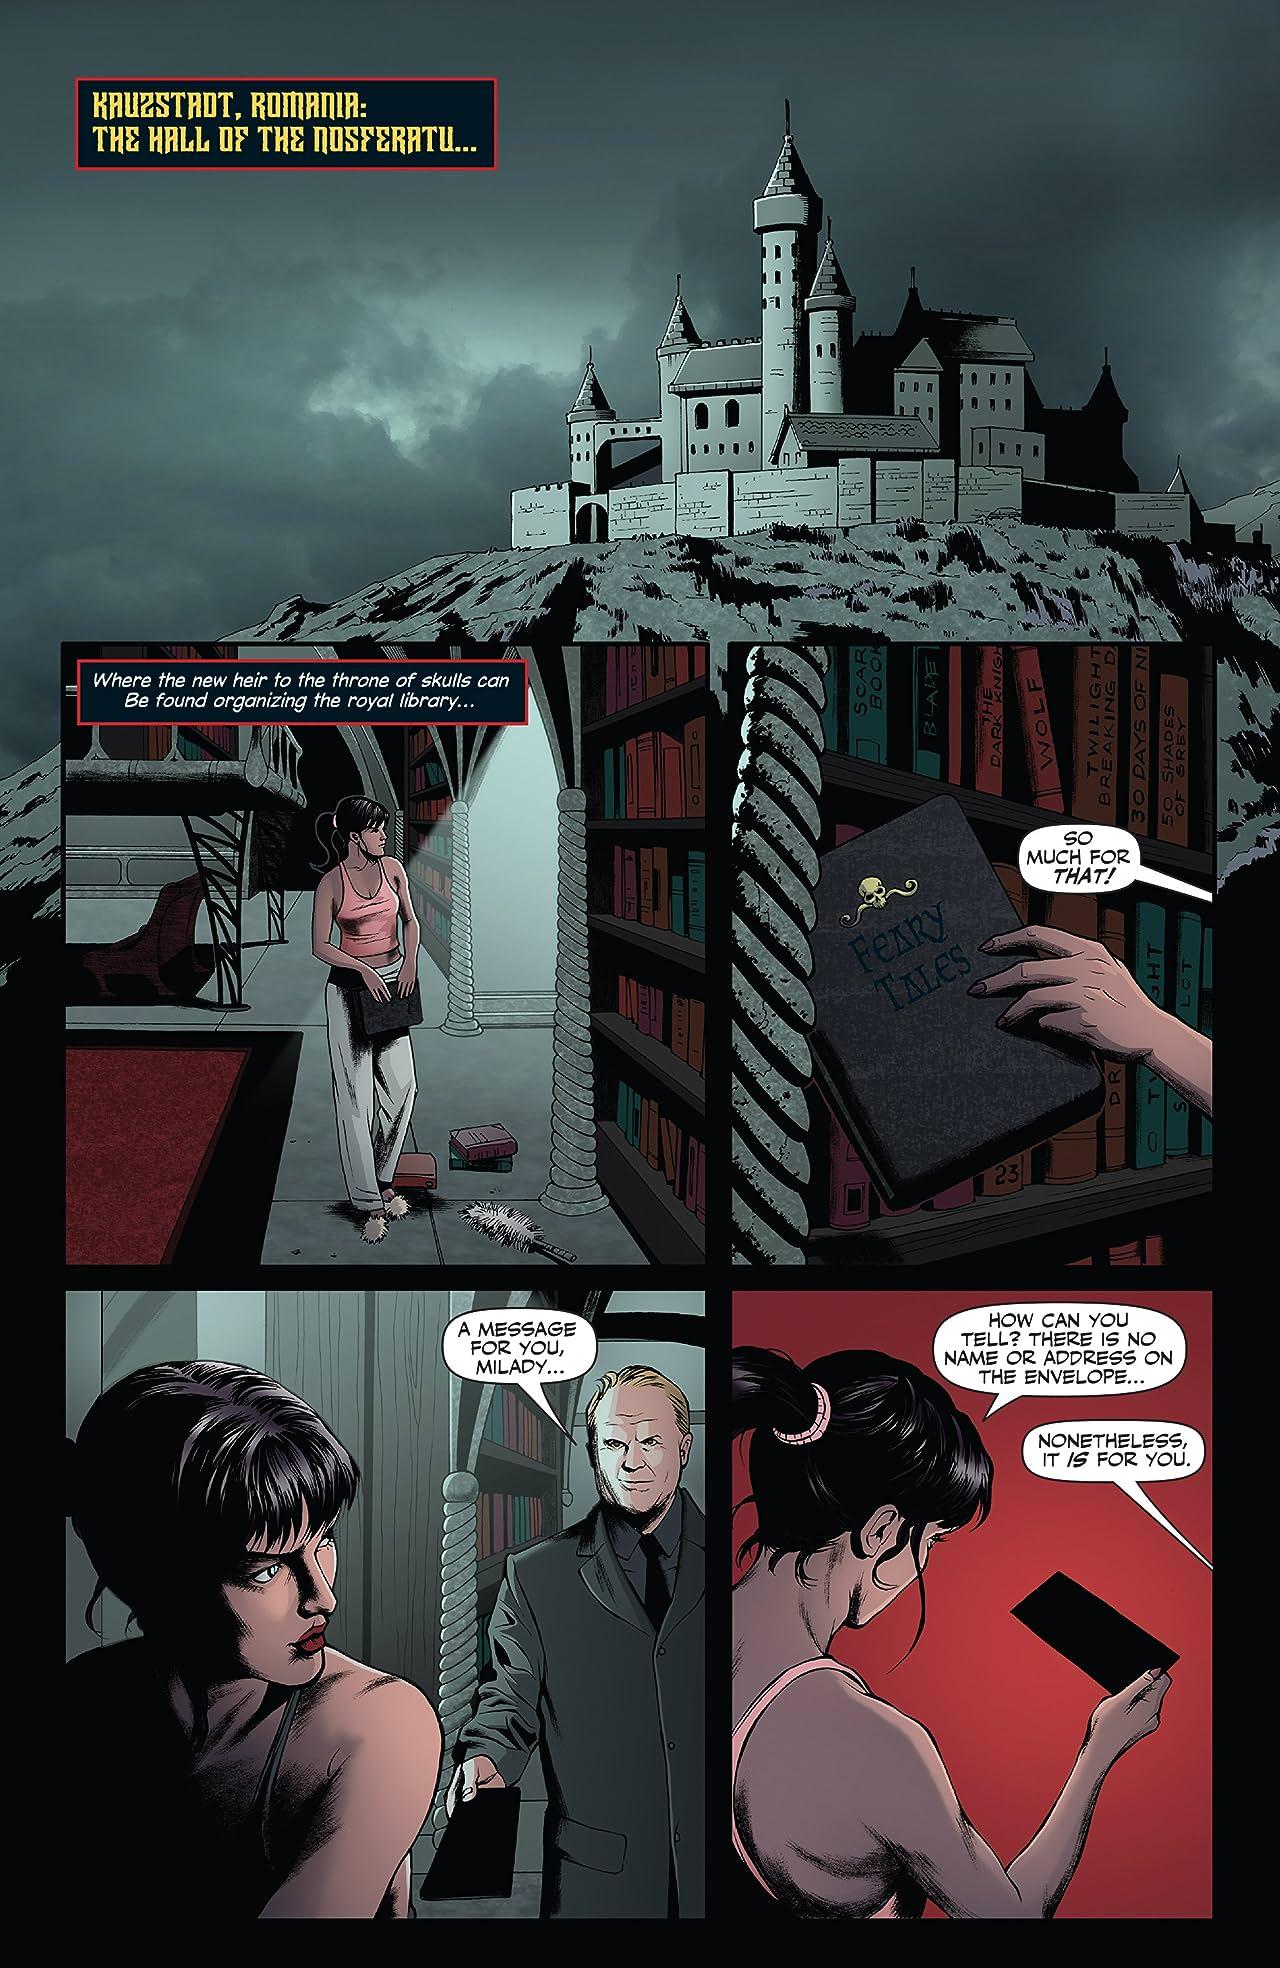 Vampirella (2014) Vol. 2: God Save The Queen